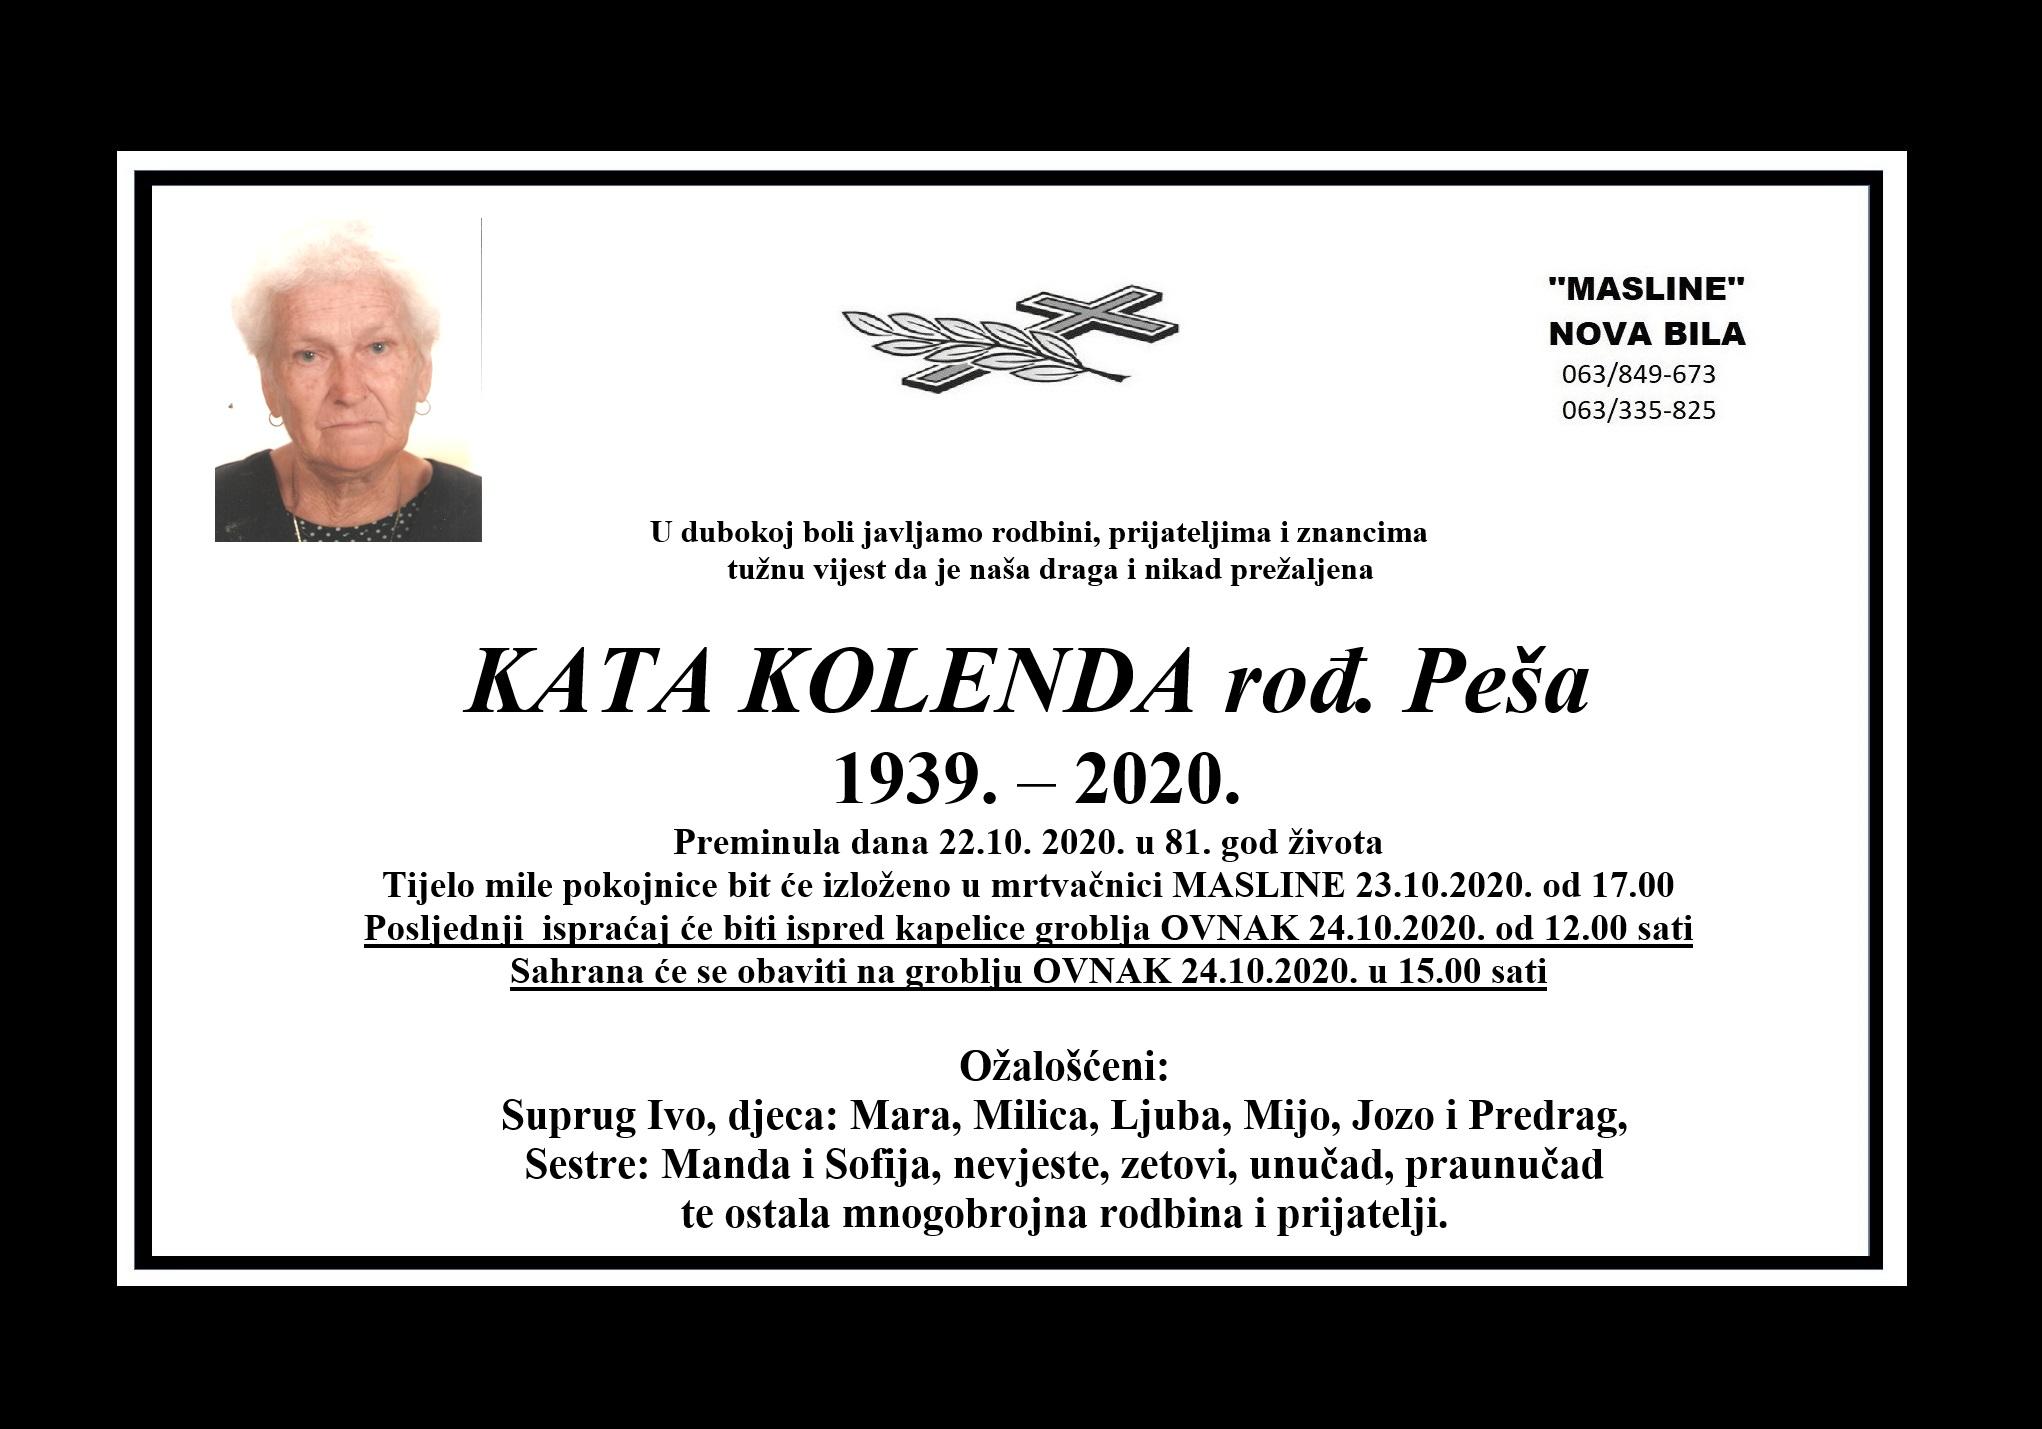 Kata Kolenda rođ. Peša